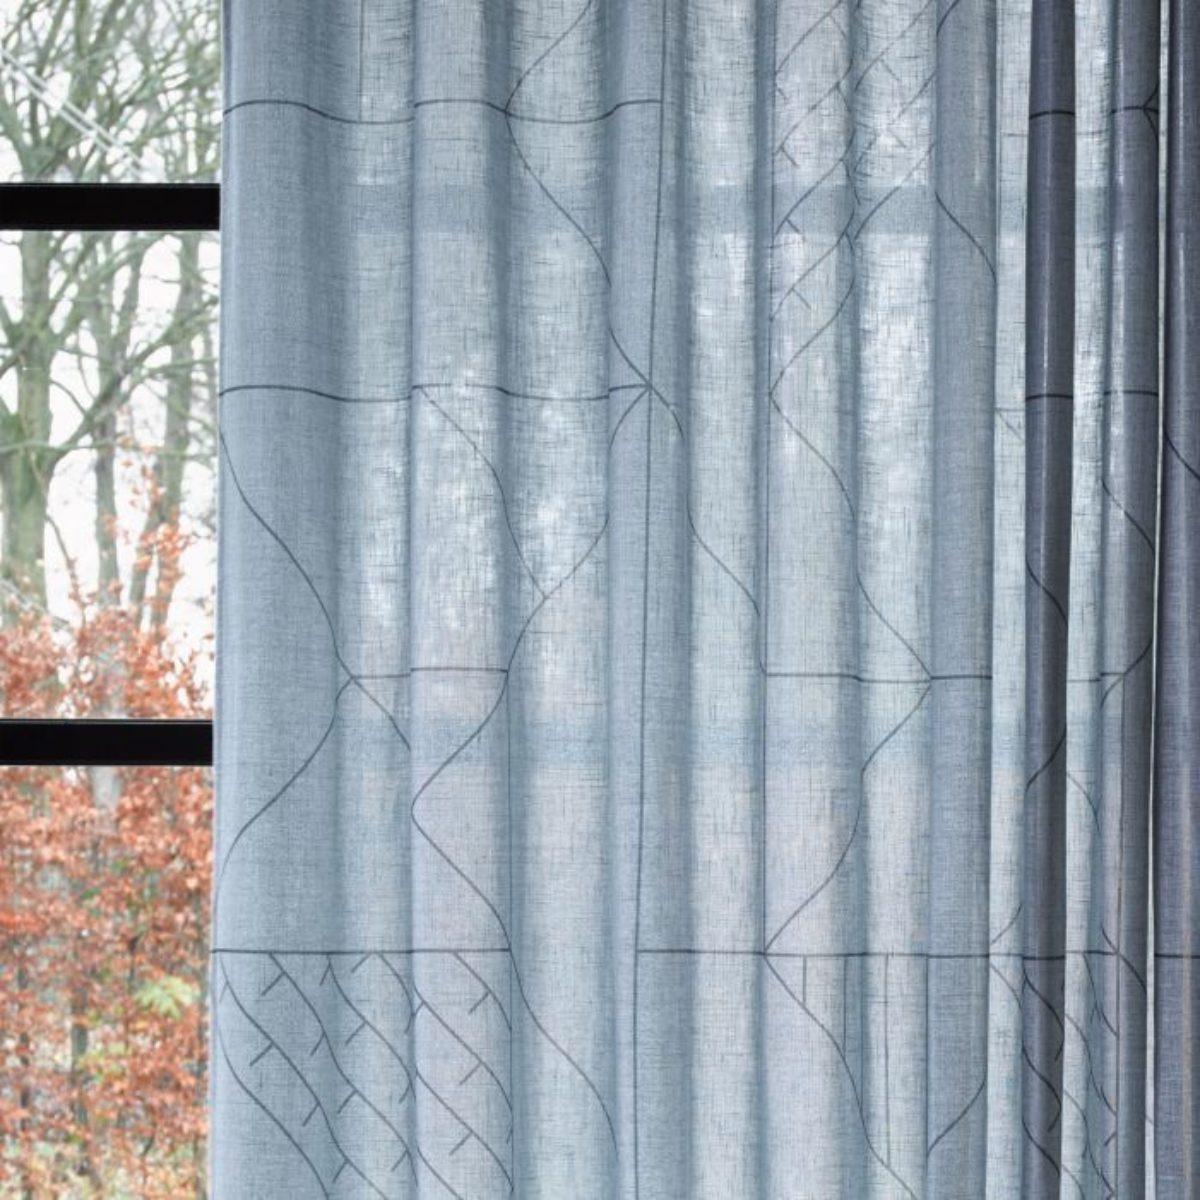 Ploeg gordijnen in between vitrage stoffen collectie configurable 0104620004 risk 04 001 detail4